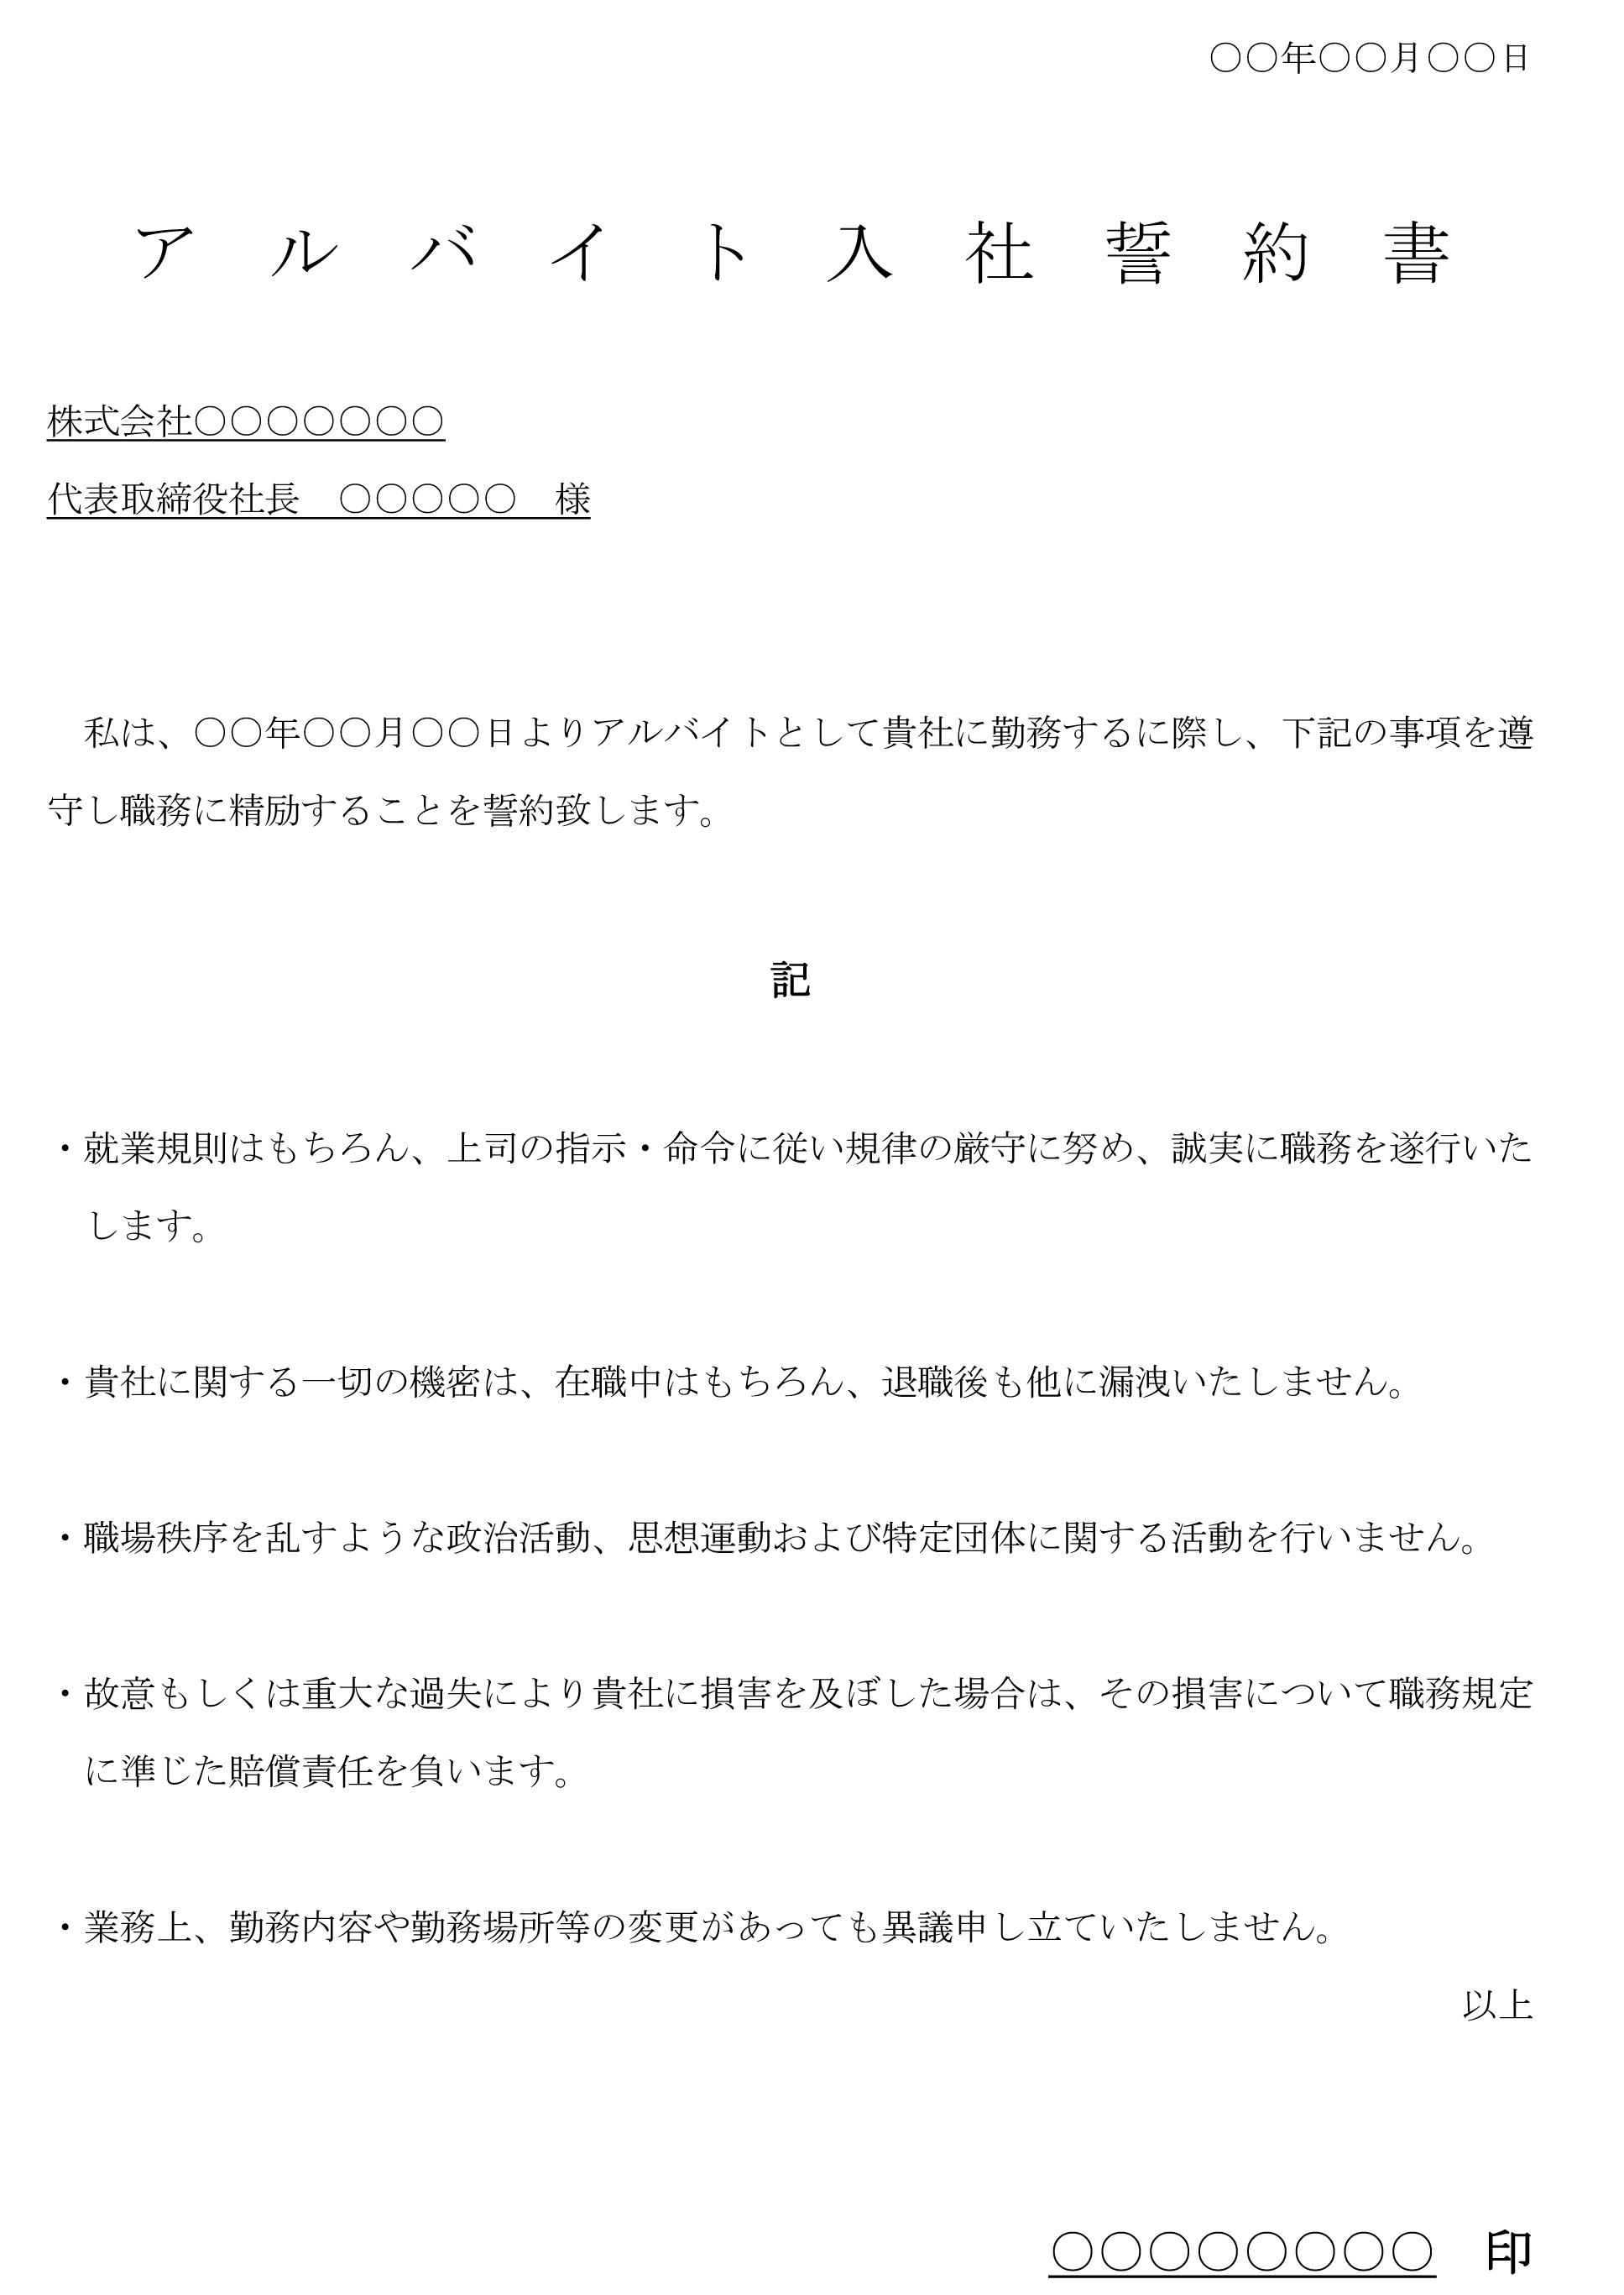 アルバイト入社誓約書01